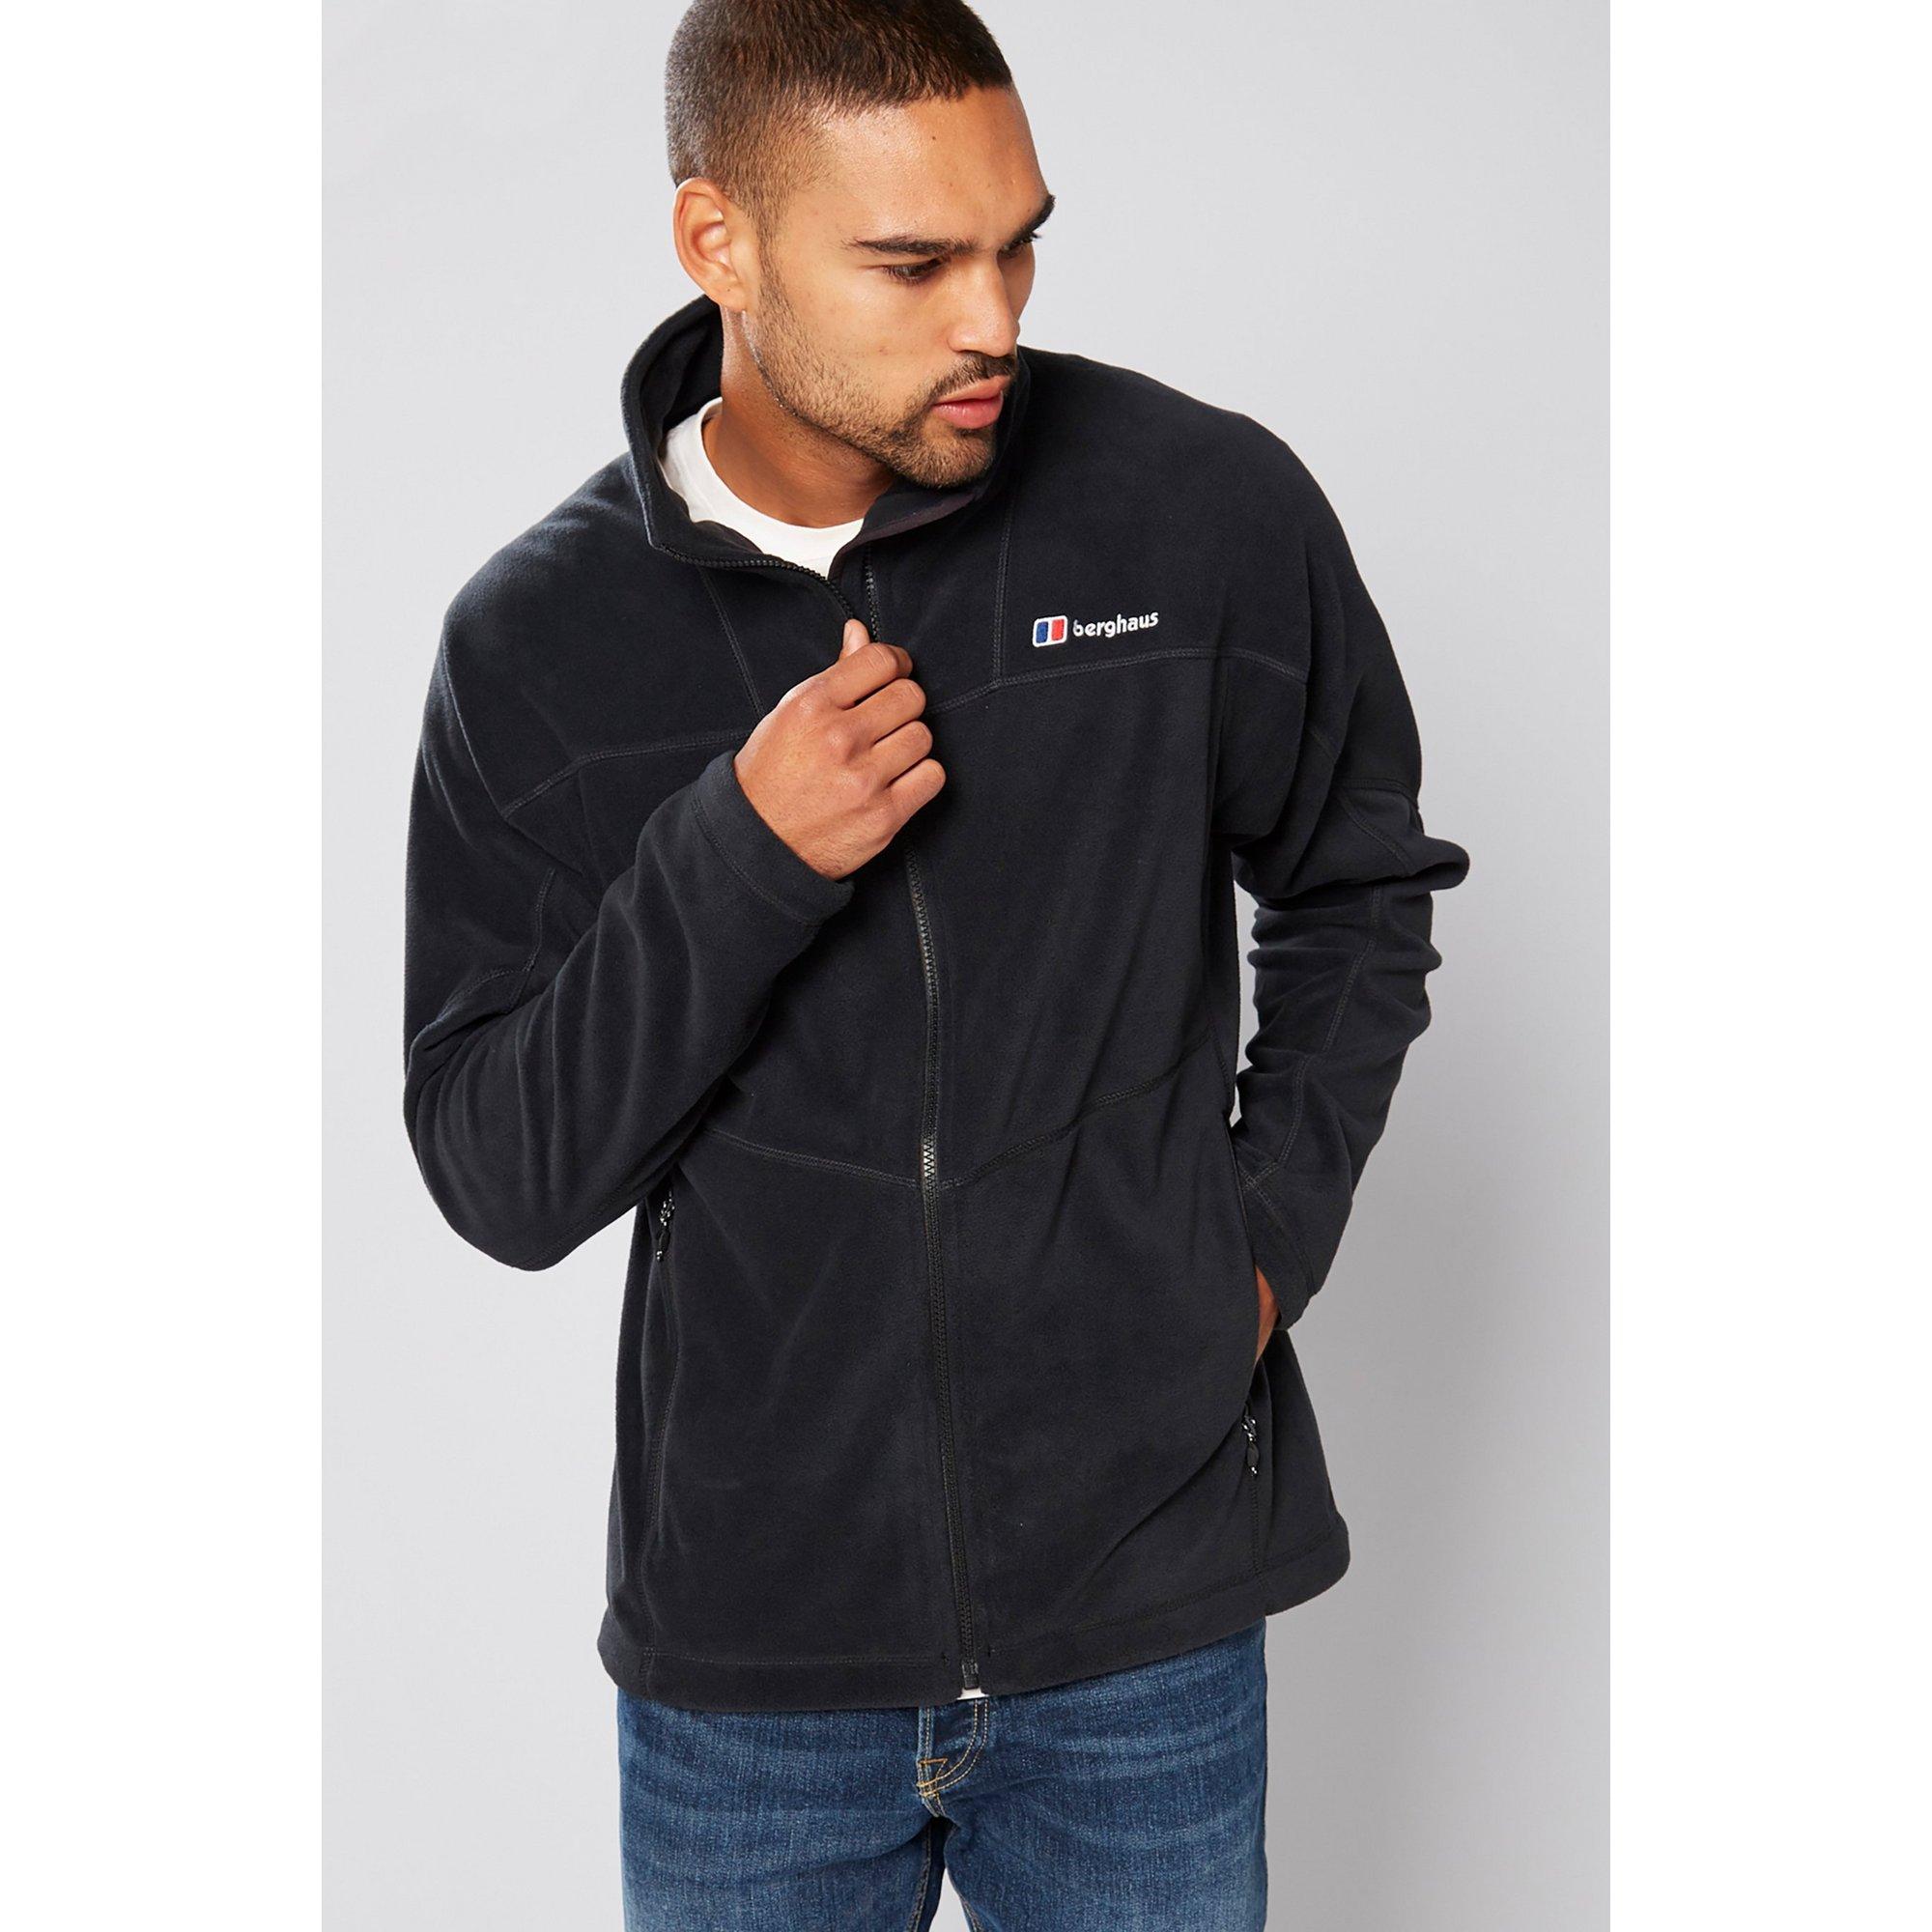 Image of Berghaus Prism Fleece Jacket